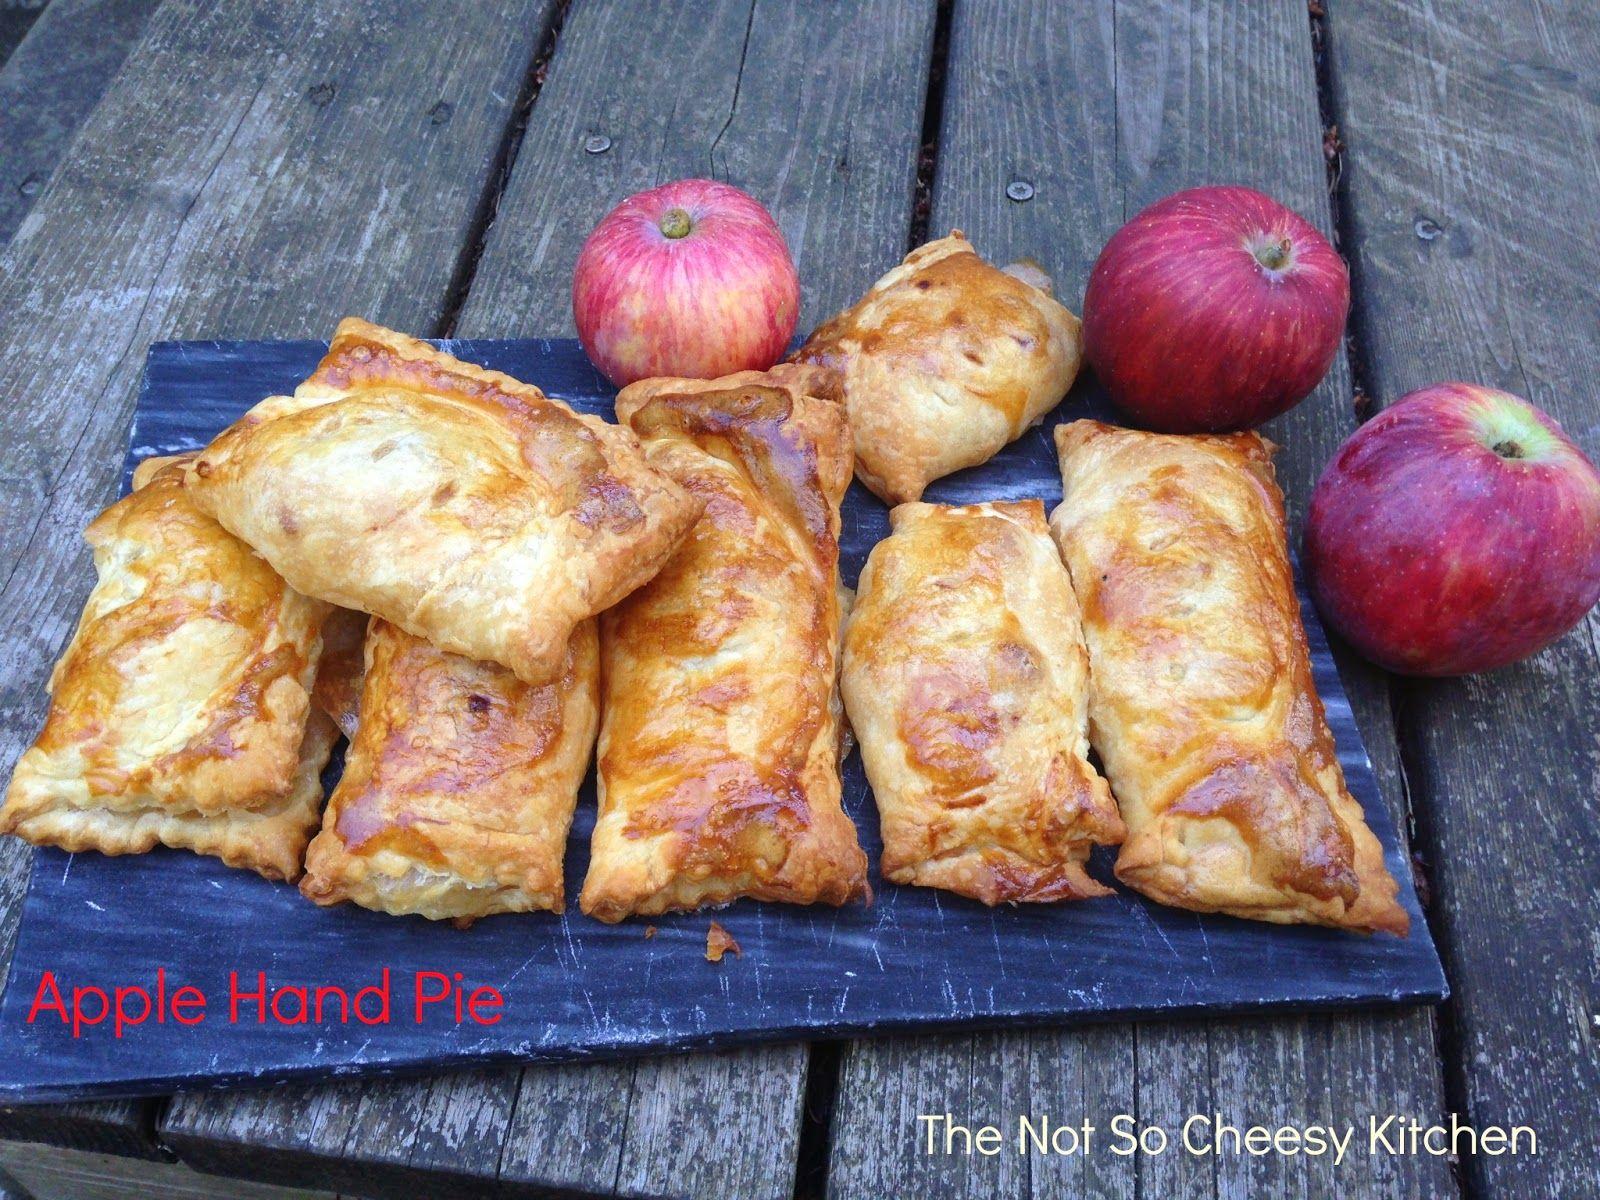 Apple Hand Pie {Apfeltaschen} | The Not So Cheesy Kitchen for #SundaySupper